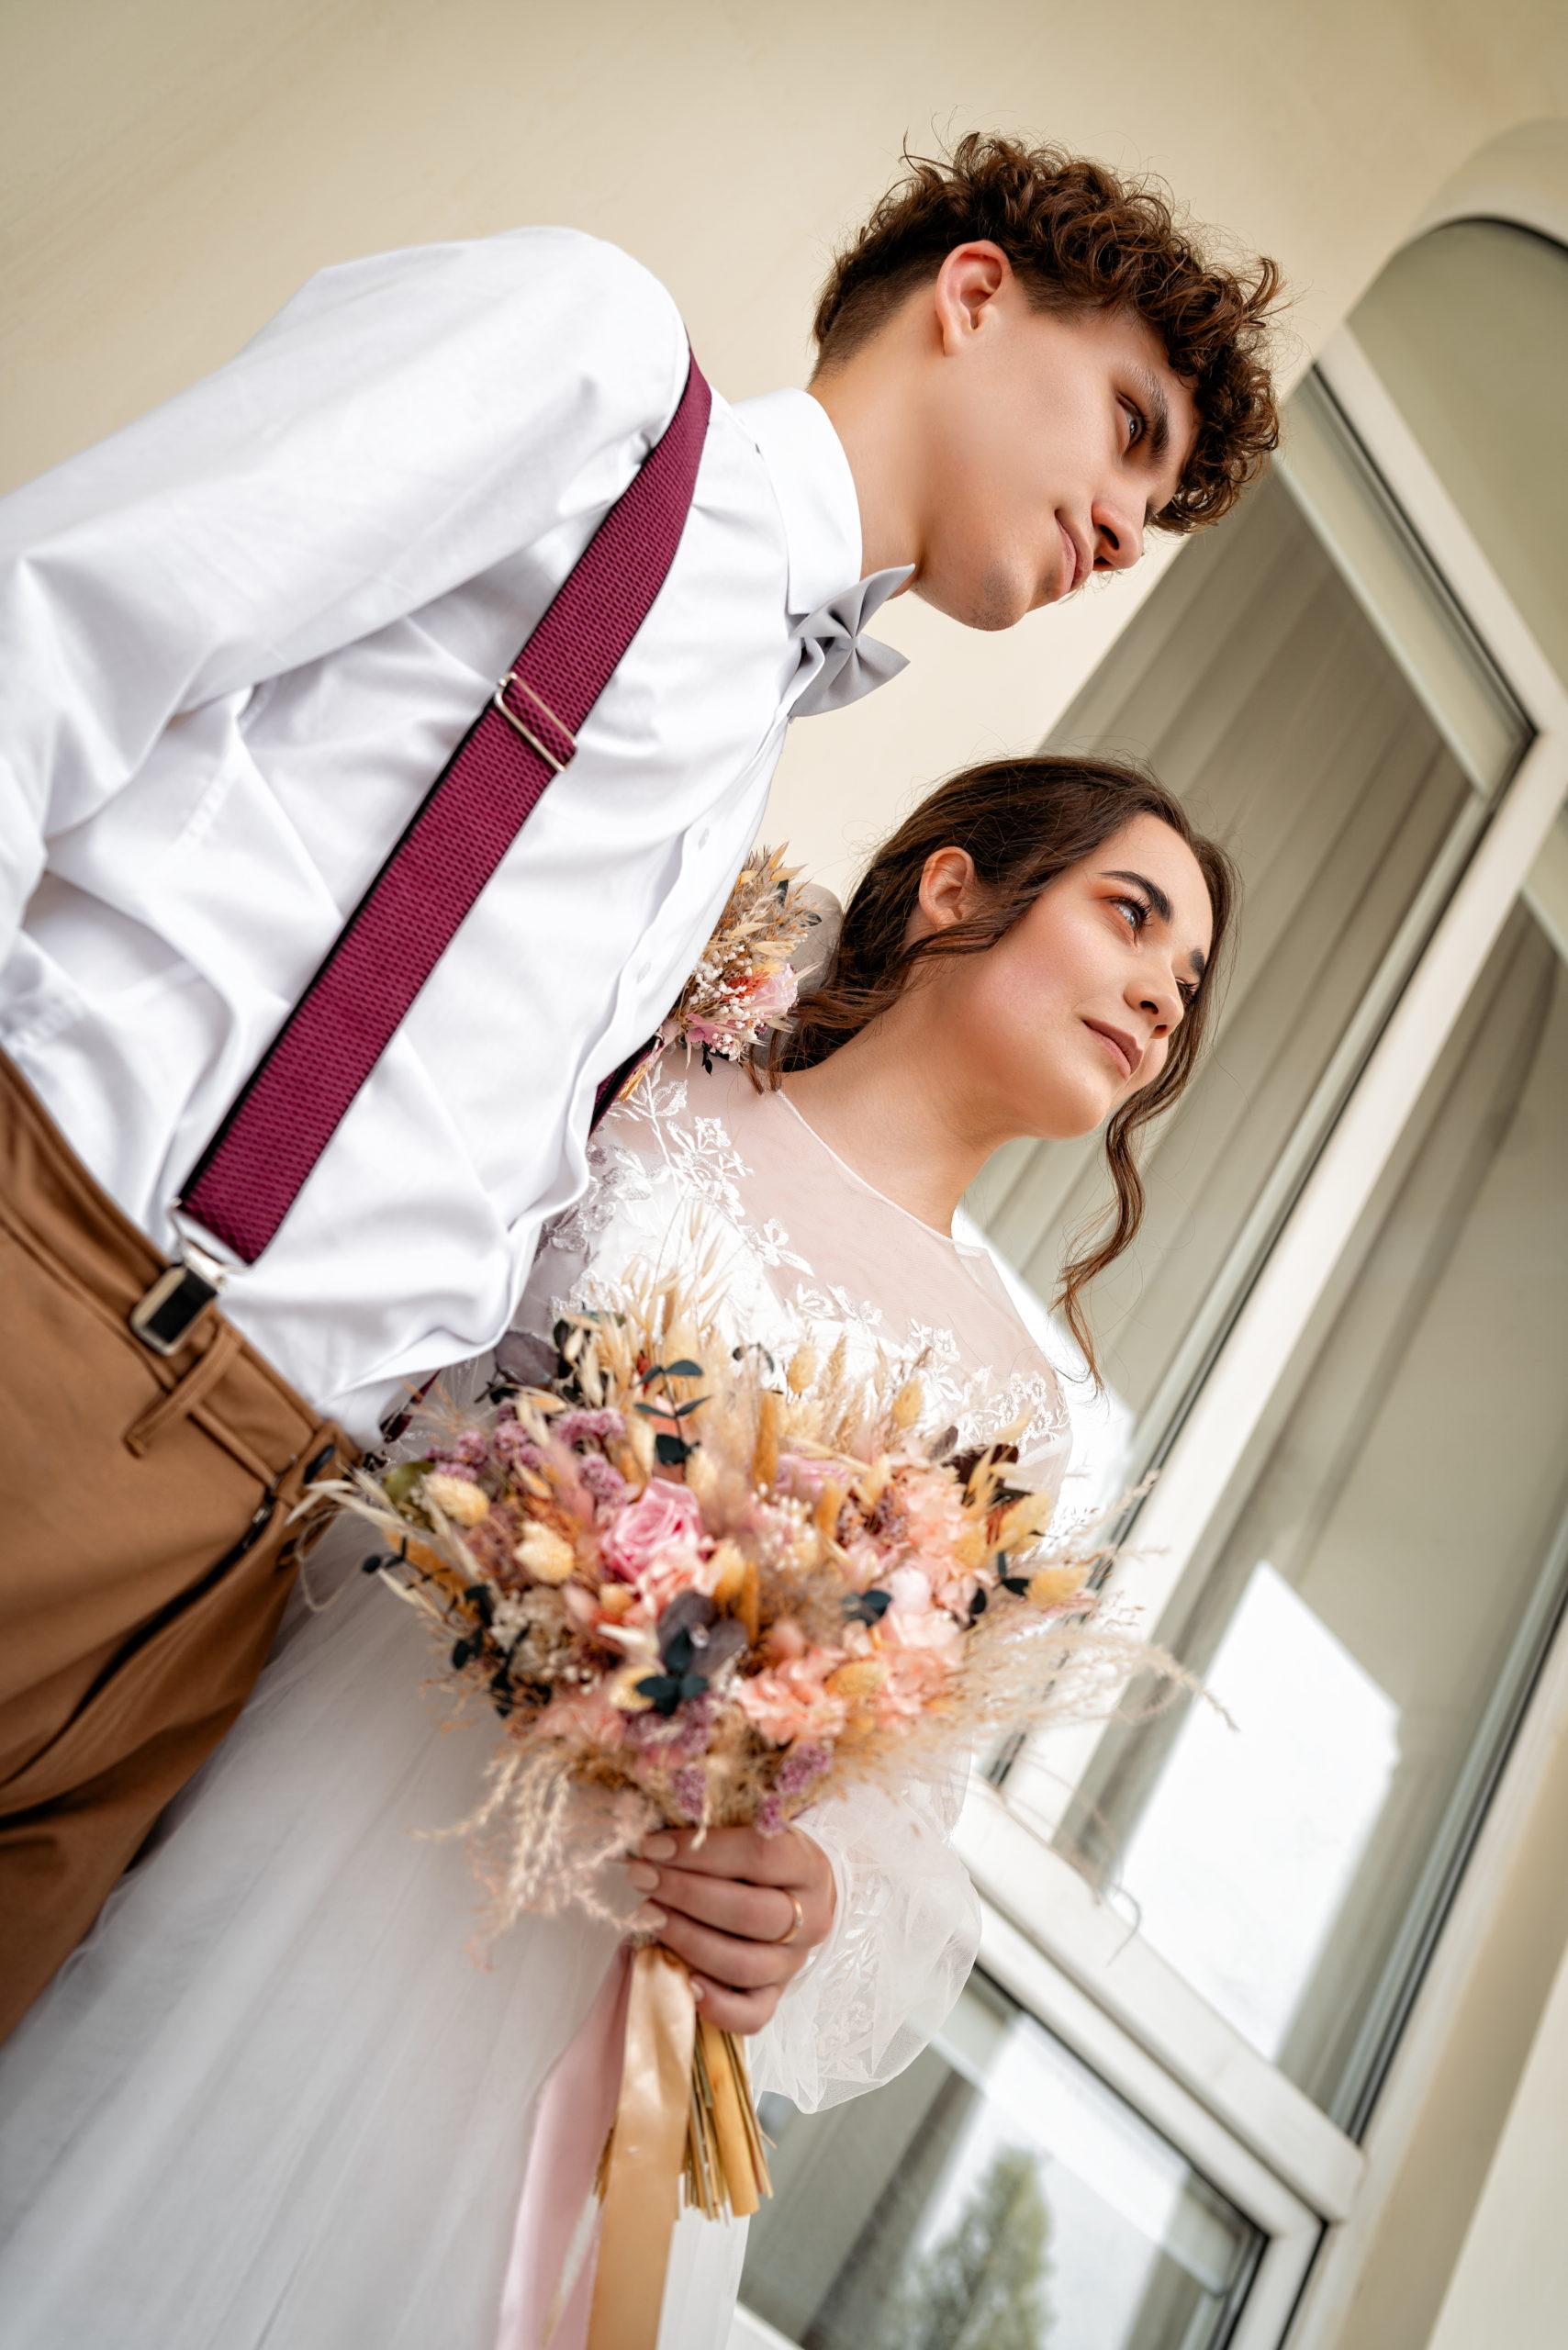 малый Хрустальный зал Екатерининского загса свадебные фото - вход